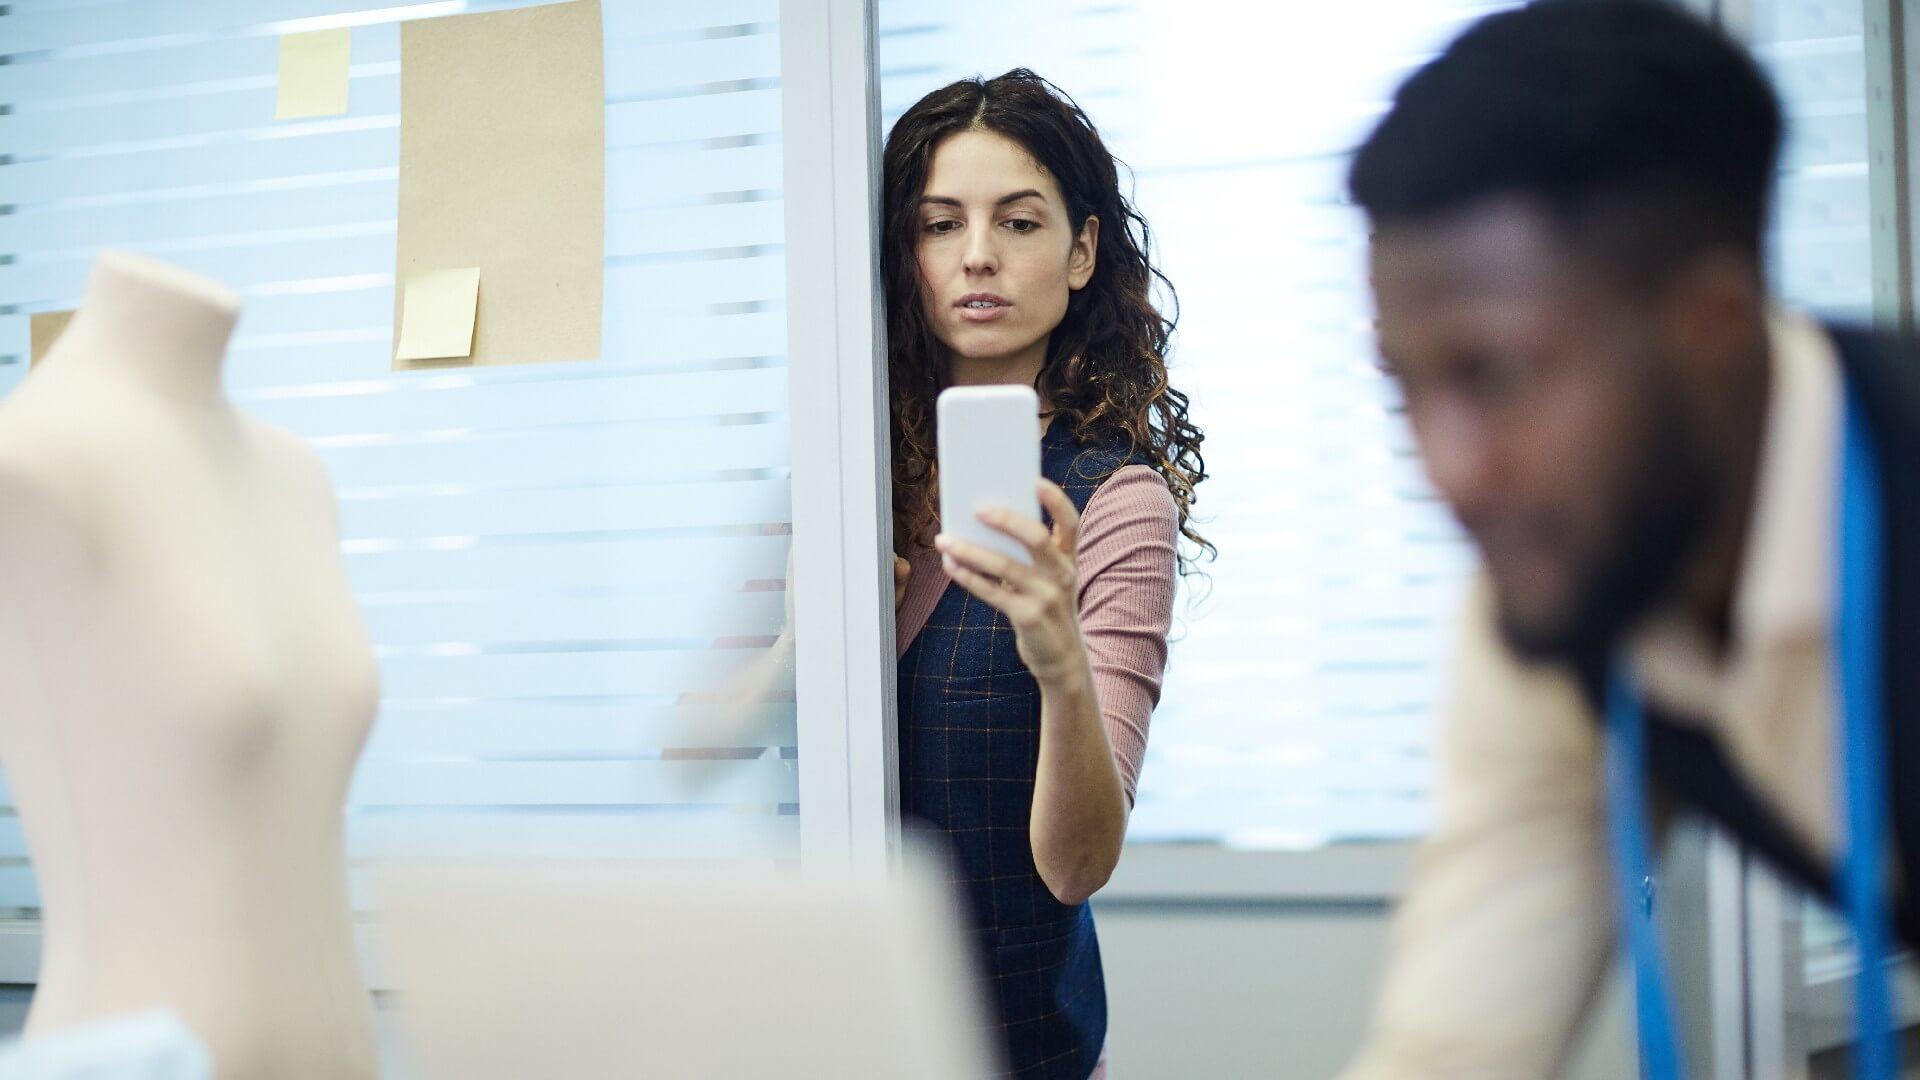 הזכות לפרטיות במקום העבודה